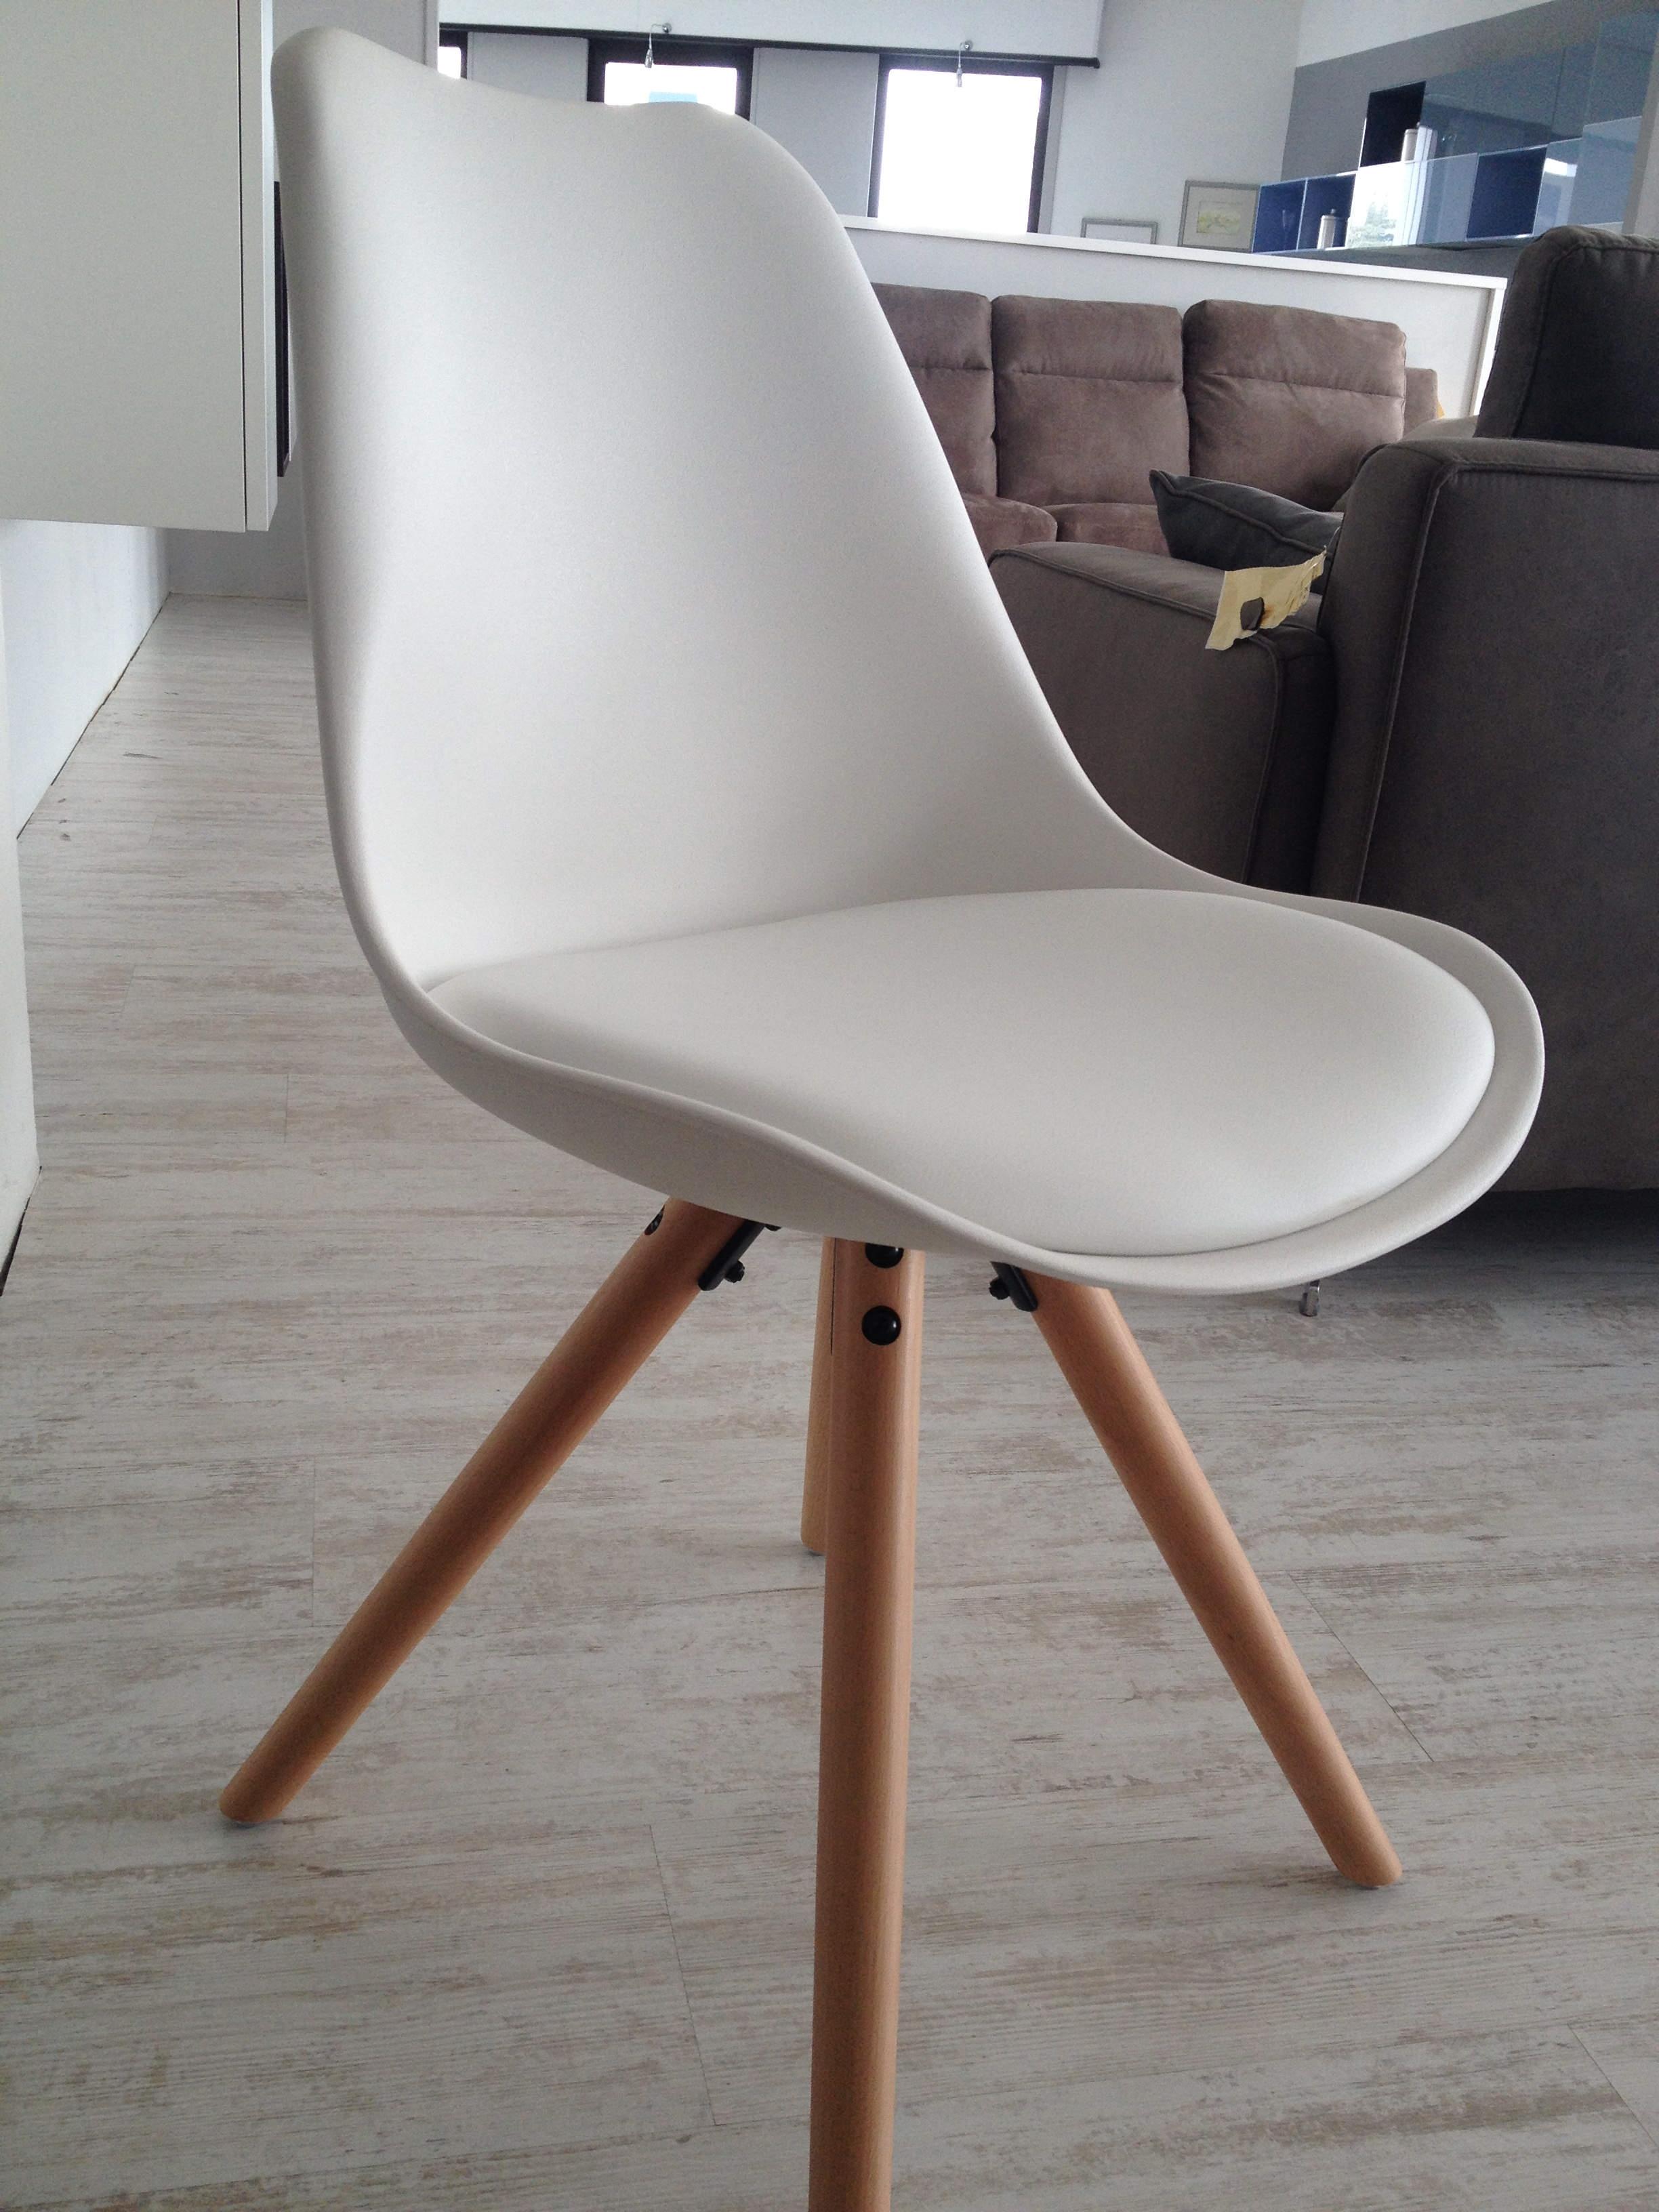 Sedie bianche economiche mondo convenienza sedie ufficio for Sedie bianche per cucina